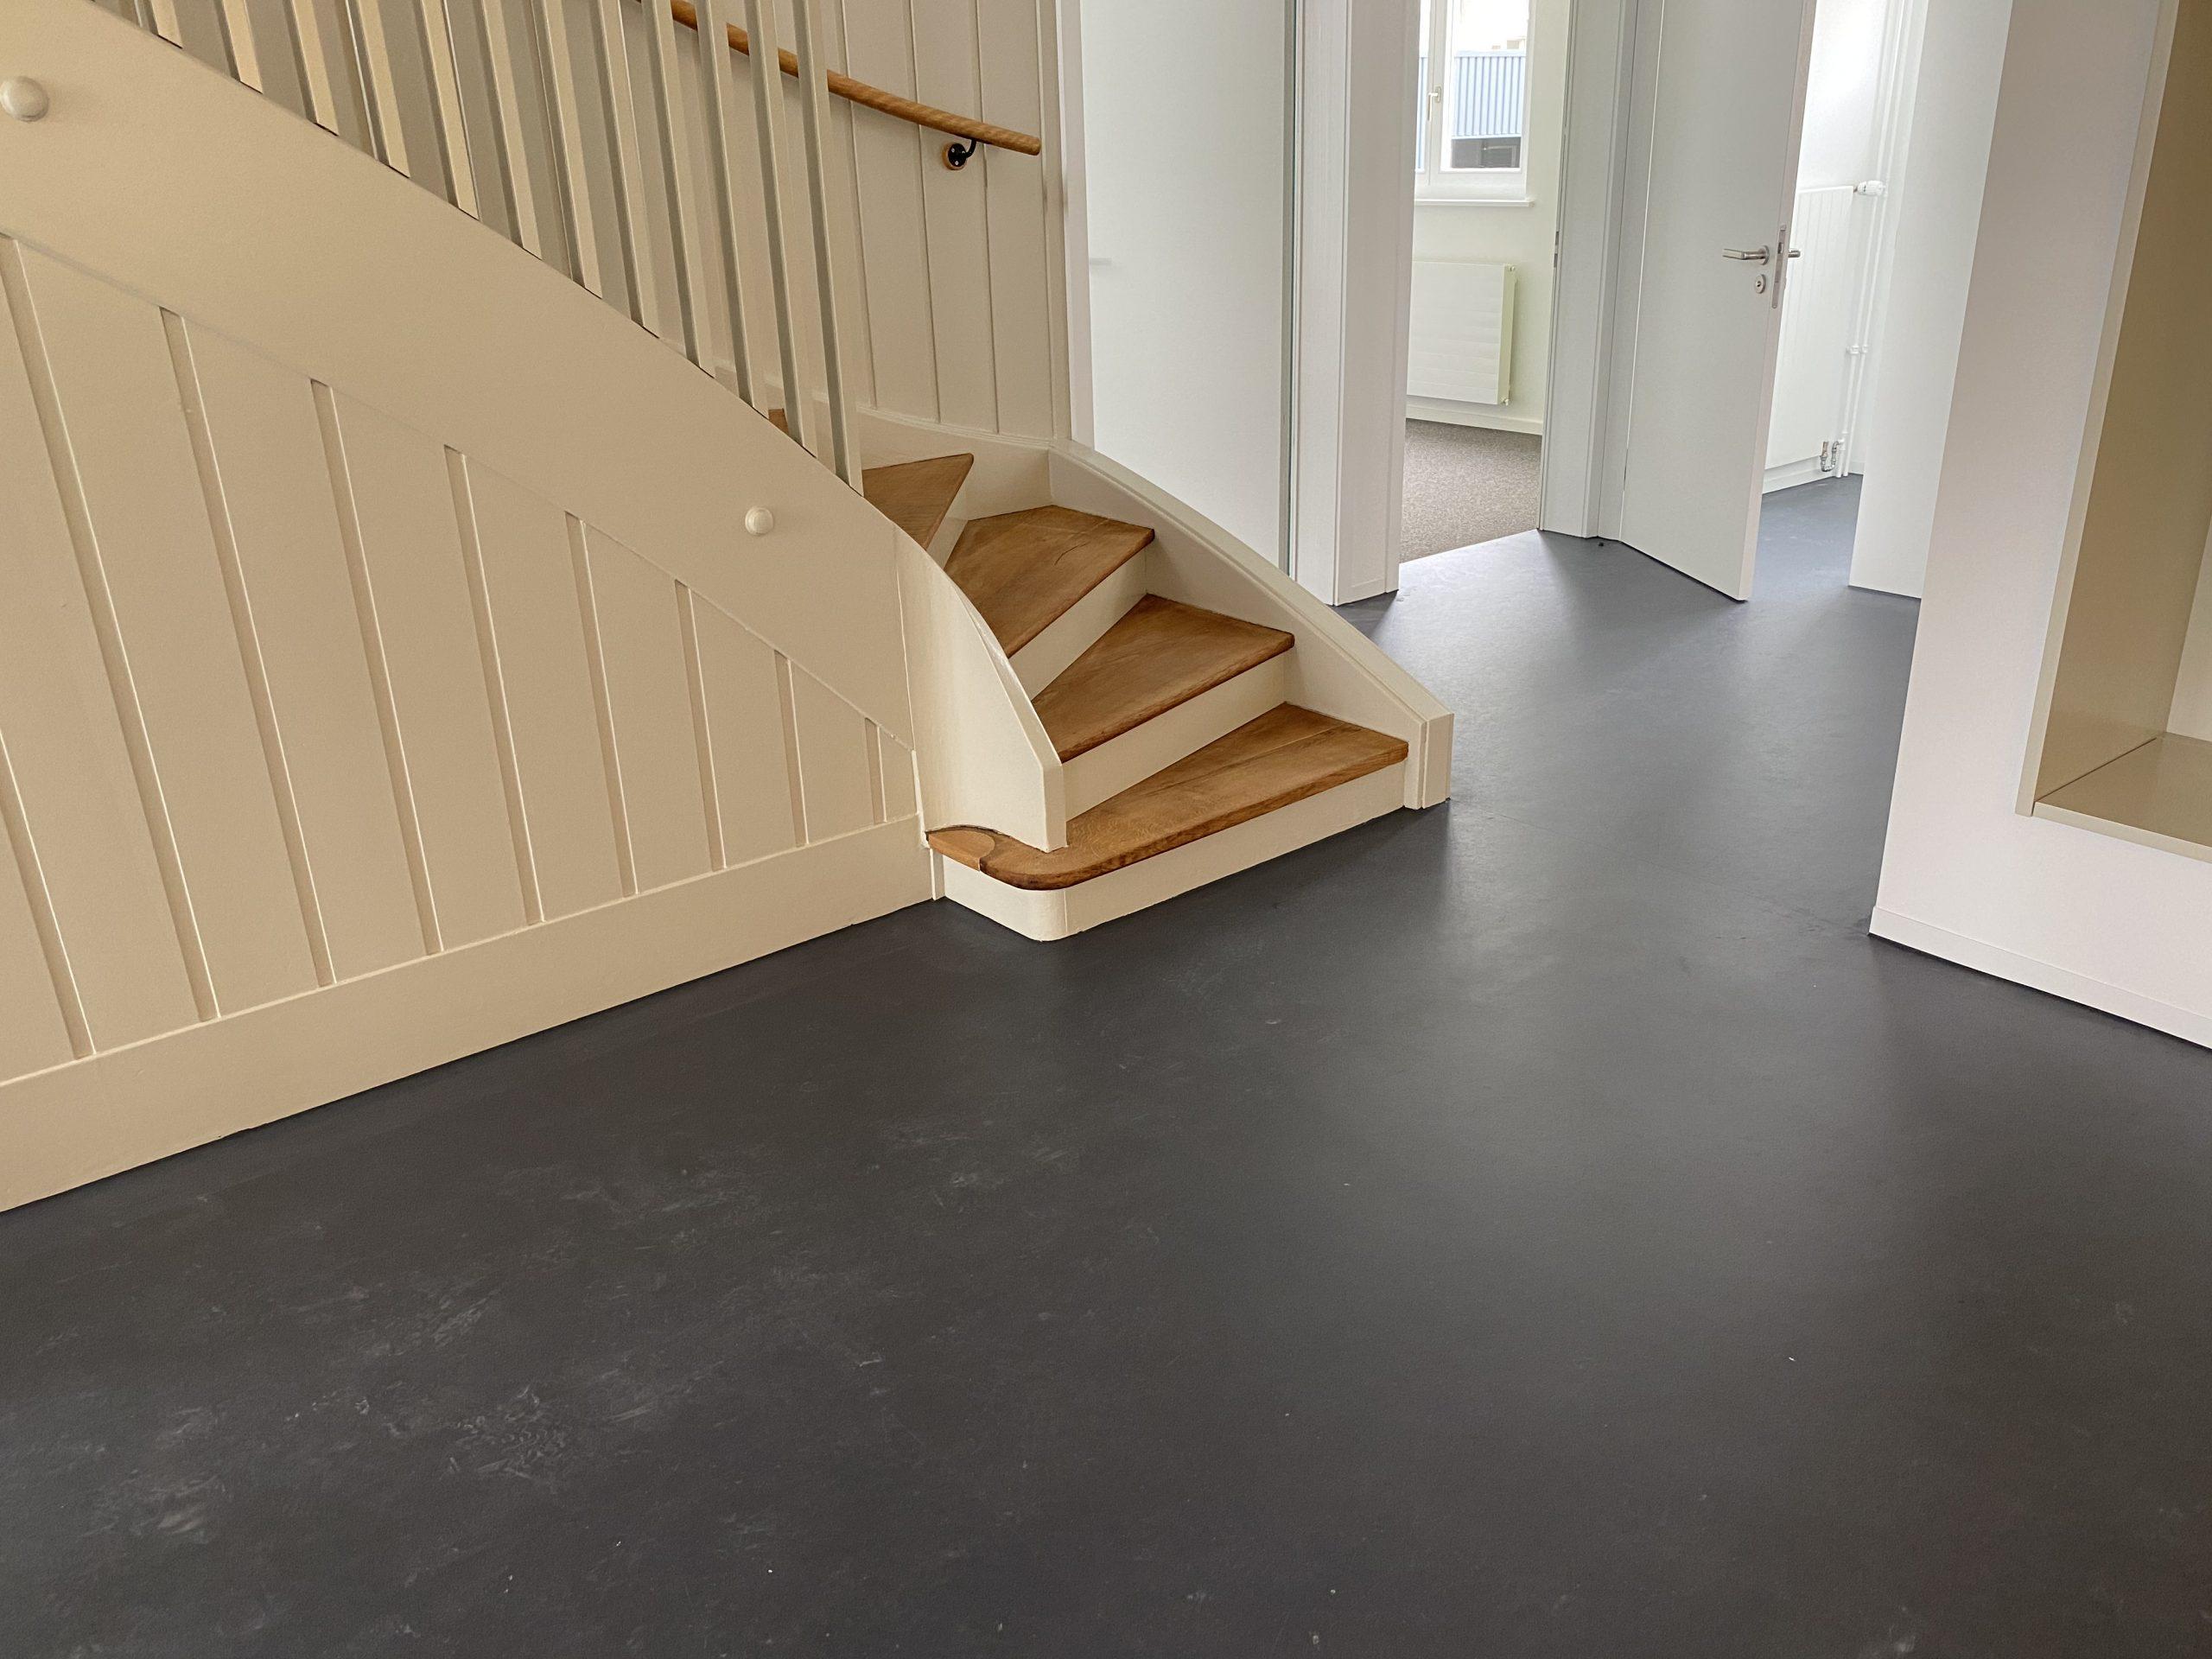 Barmetboden   Linoleum   Treppe   Eichenparkett